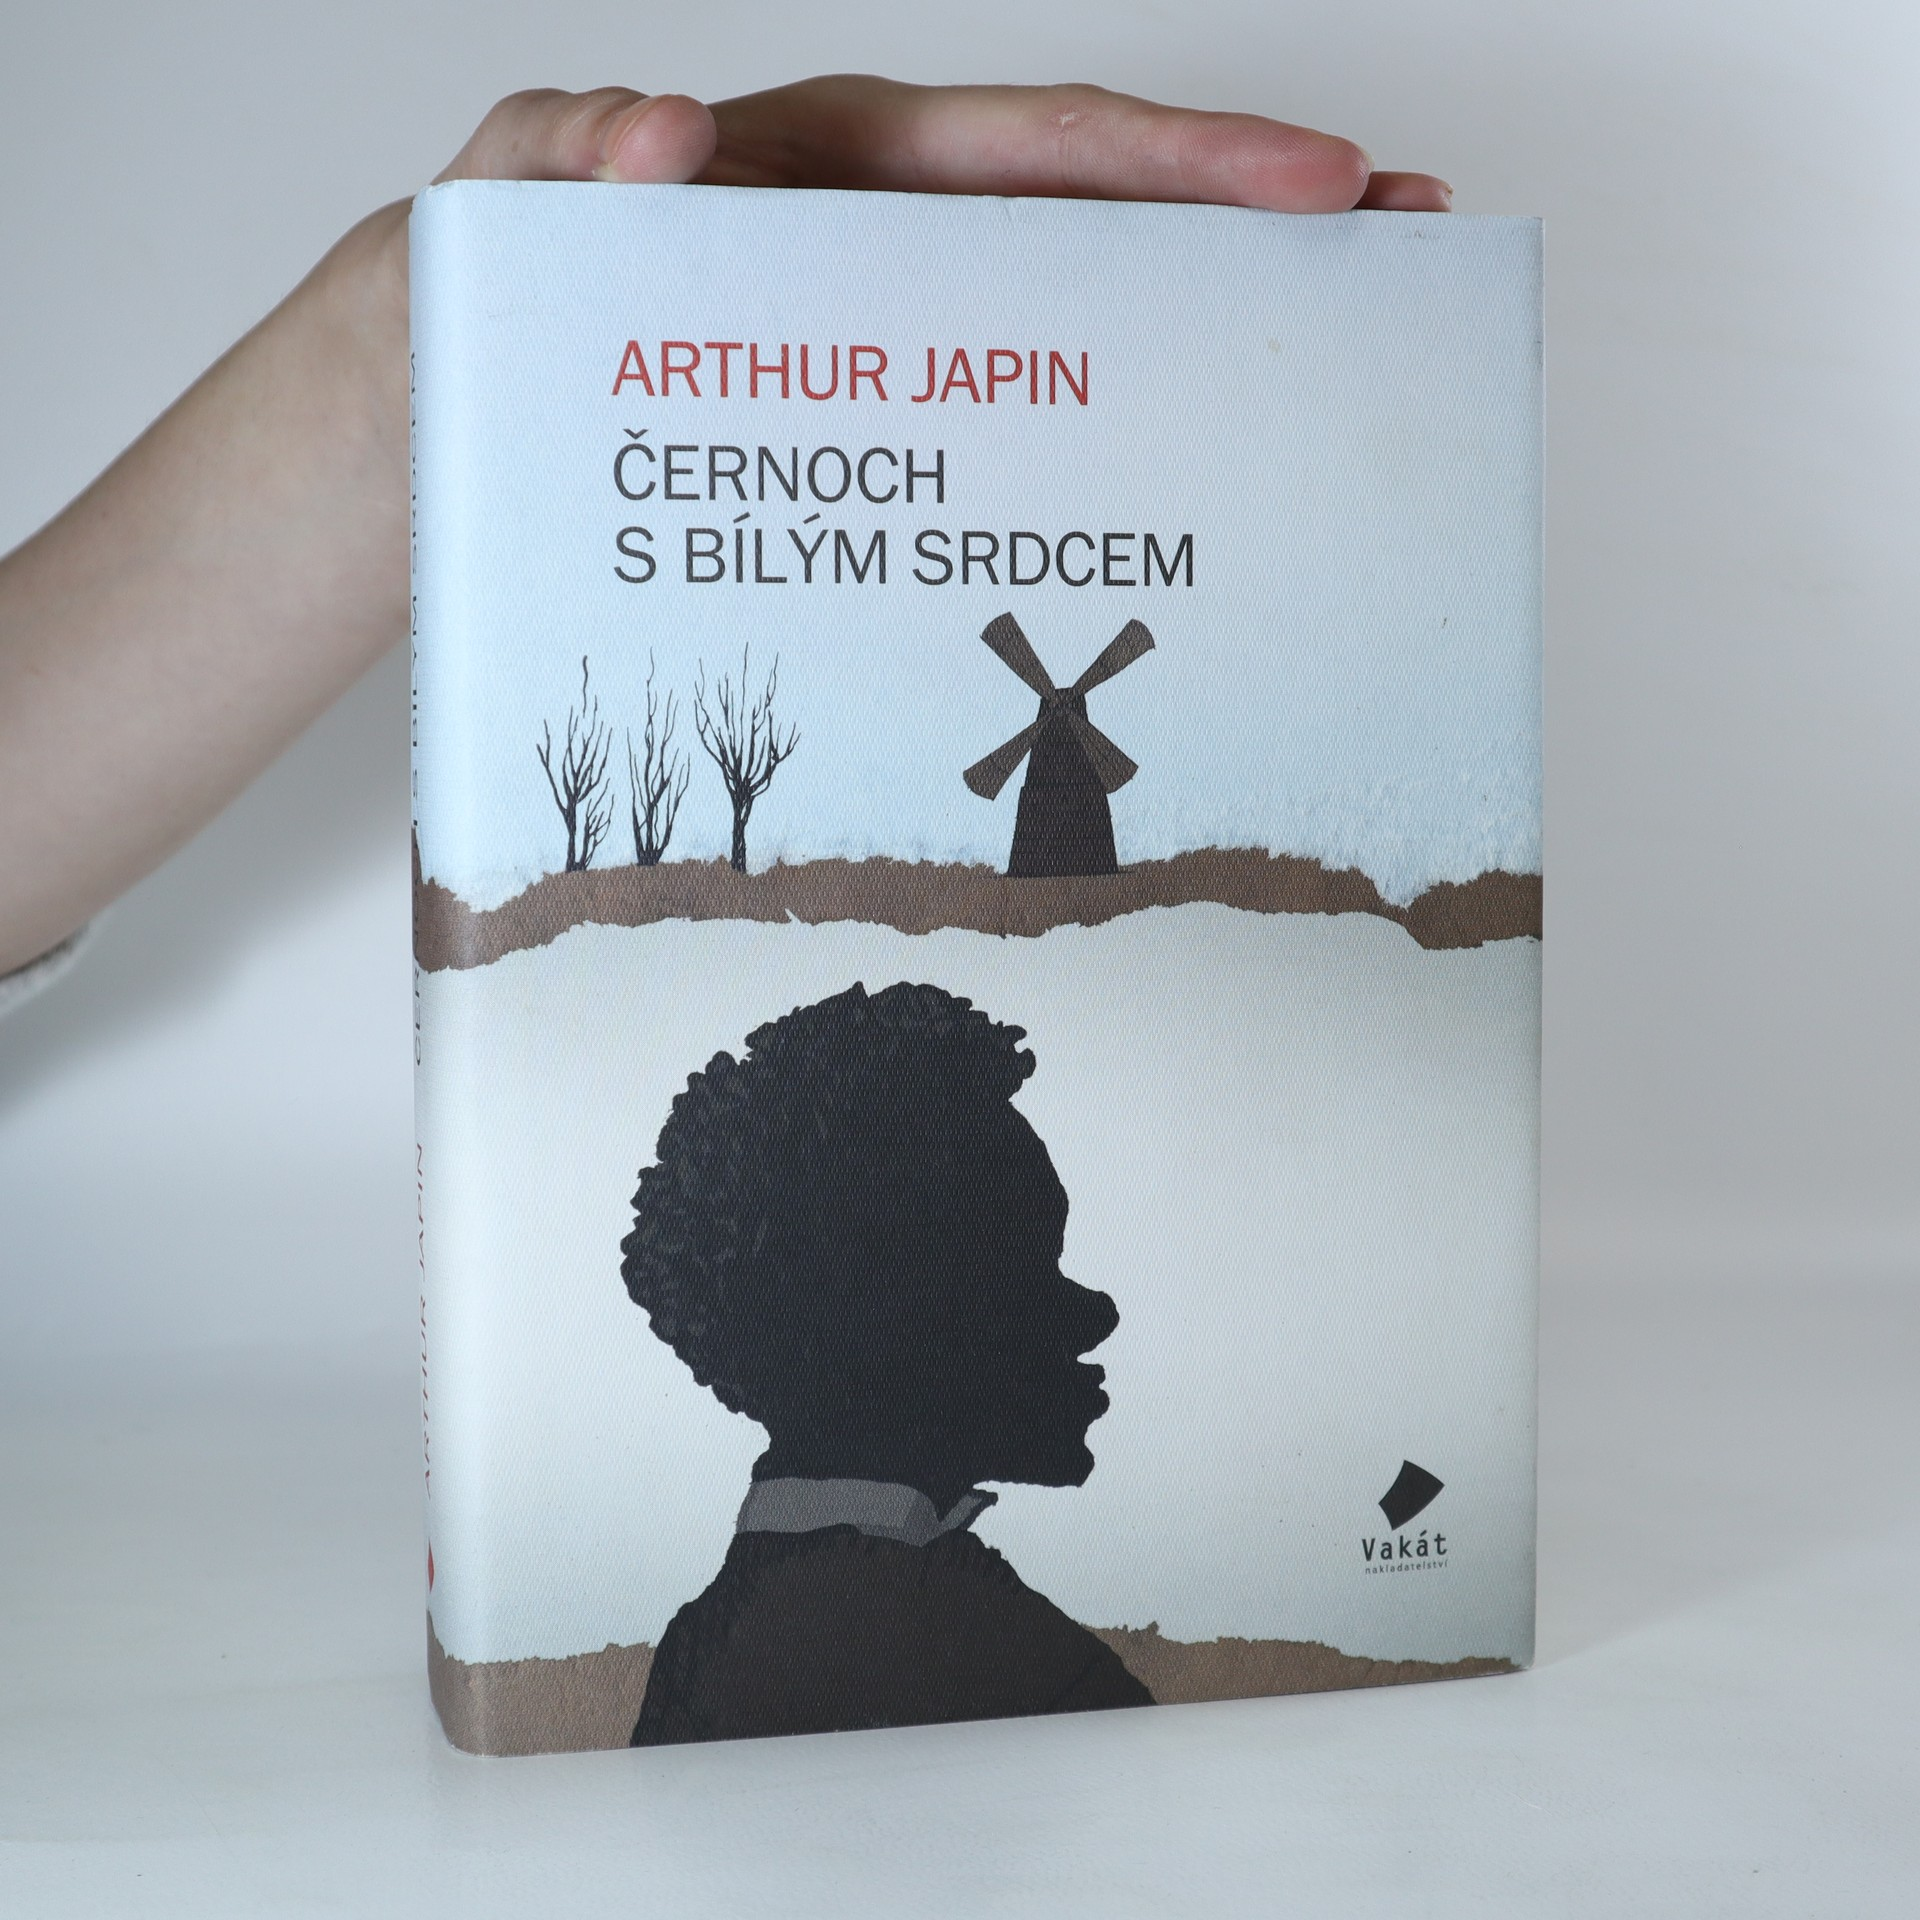 antikvární kniha Černoch s bílým srdcem, 2012